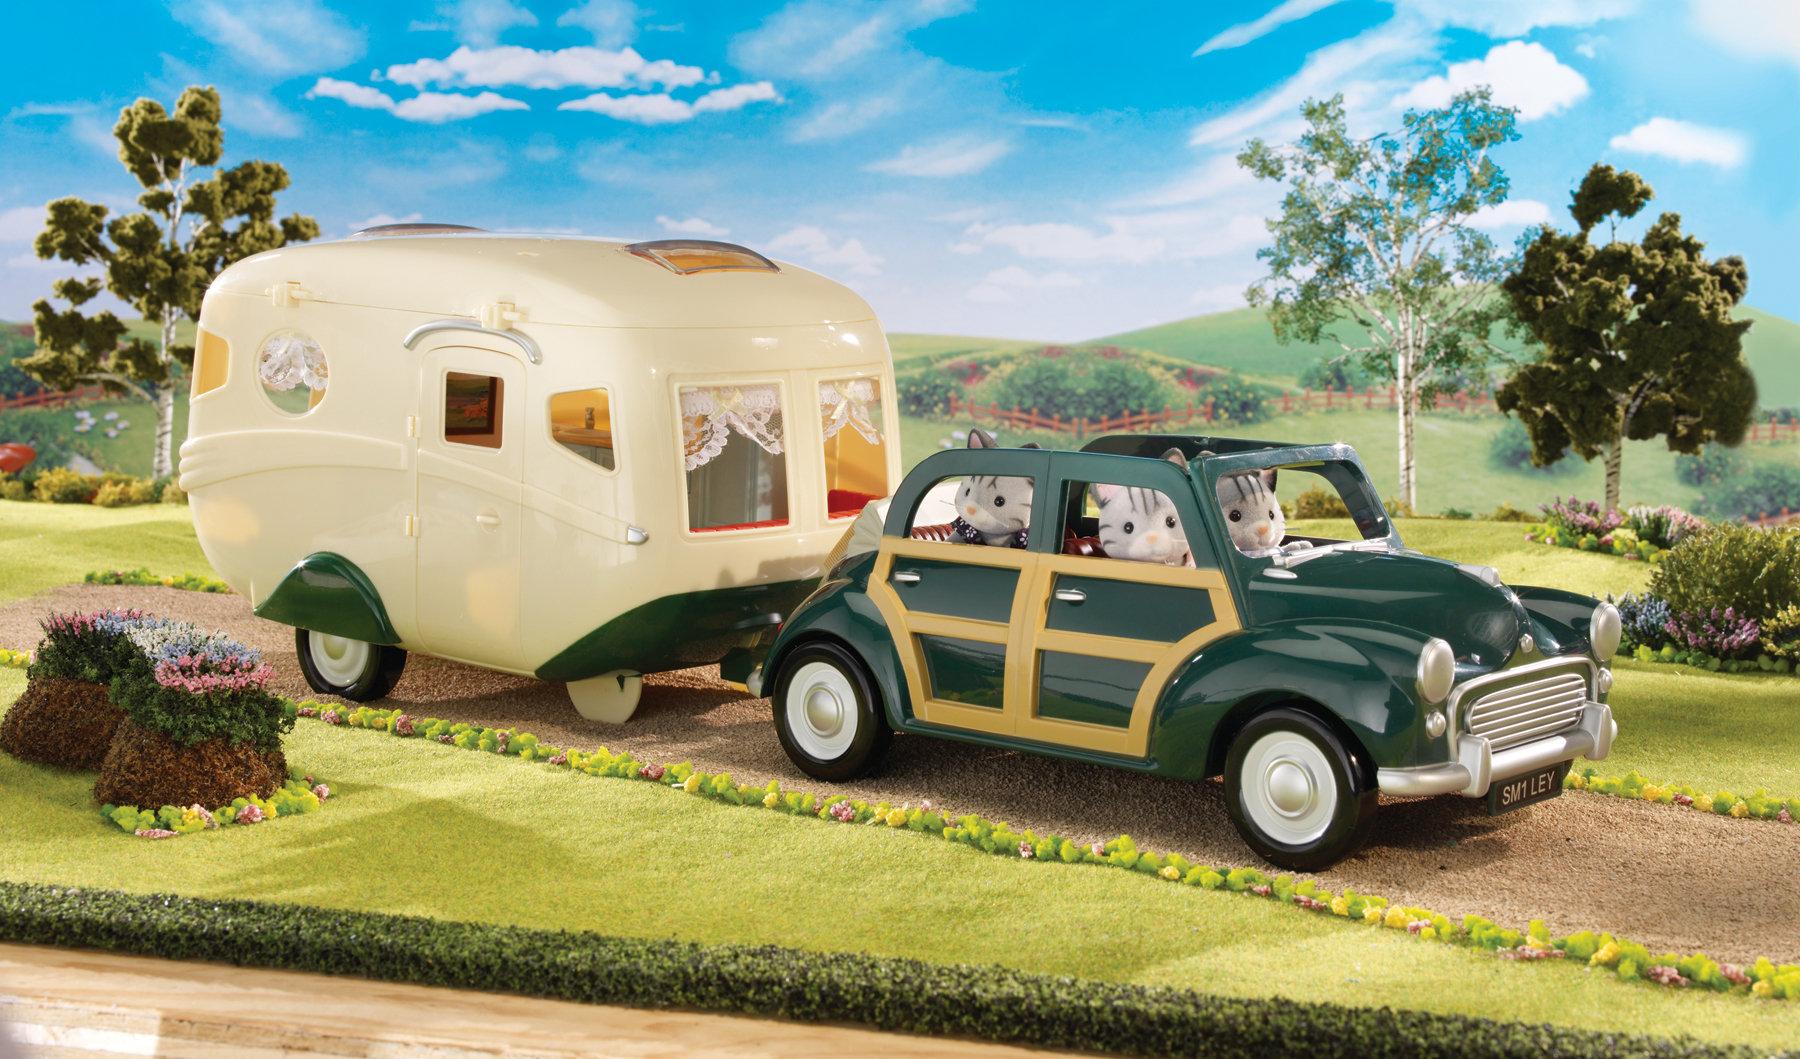 sylvanian families 2240 caravane poup es et accessoires jeux et jouets. Black Bedroom Furniture Sets. Home Design Ideas